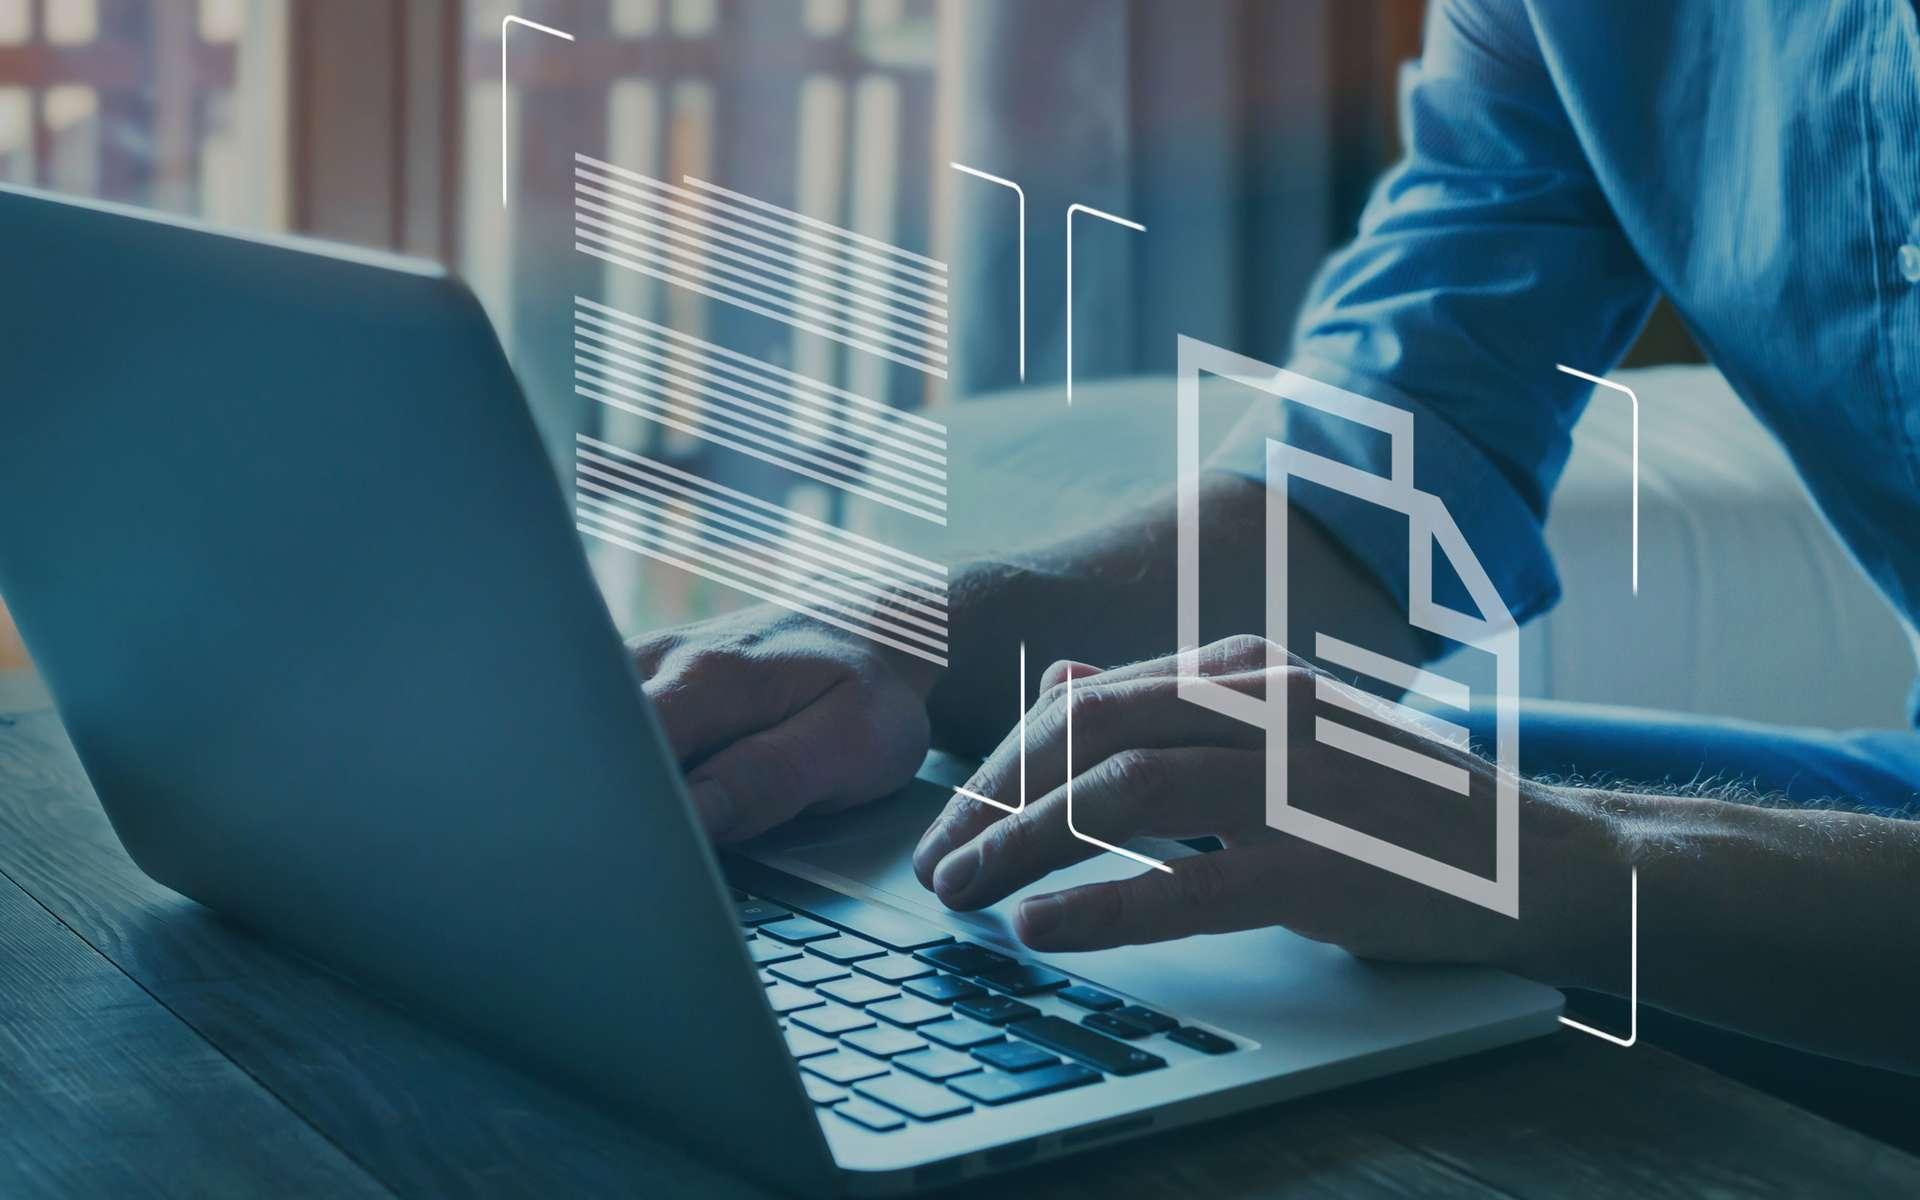 La rédaction d'un contrat d'infogérance nécessite d'intégrer différentes clauses dans les bons termes. © Song_about_summer, Adobe Stock